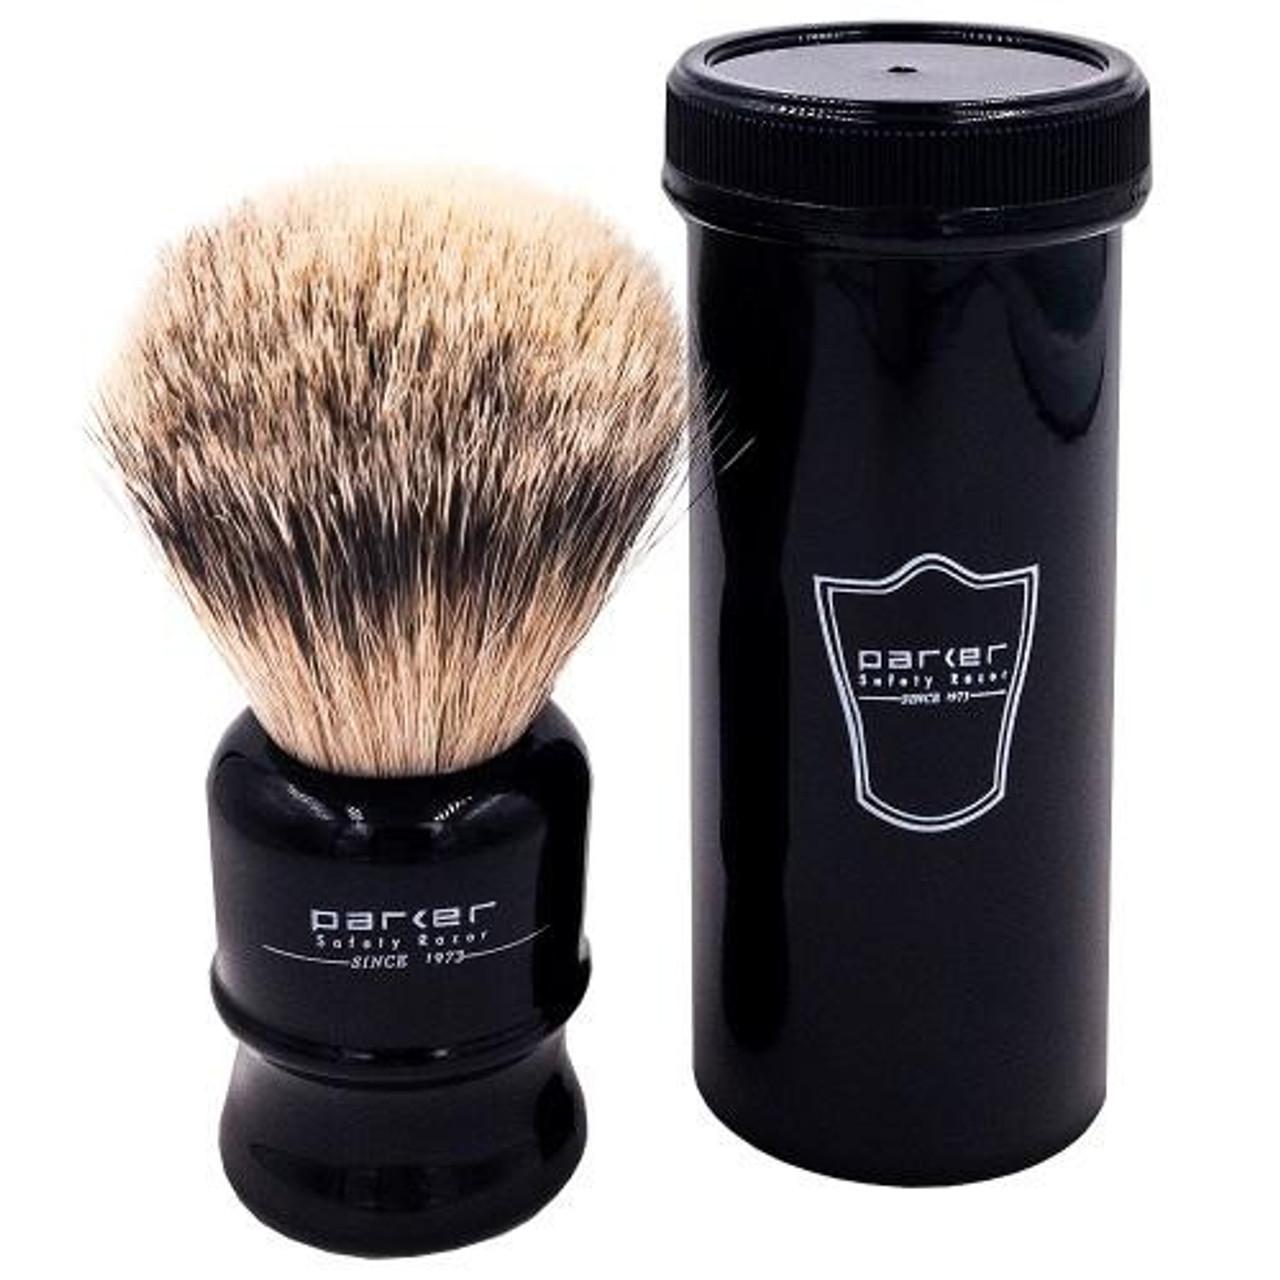 Parker Travel Brush Black